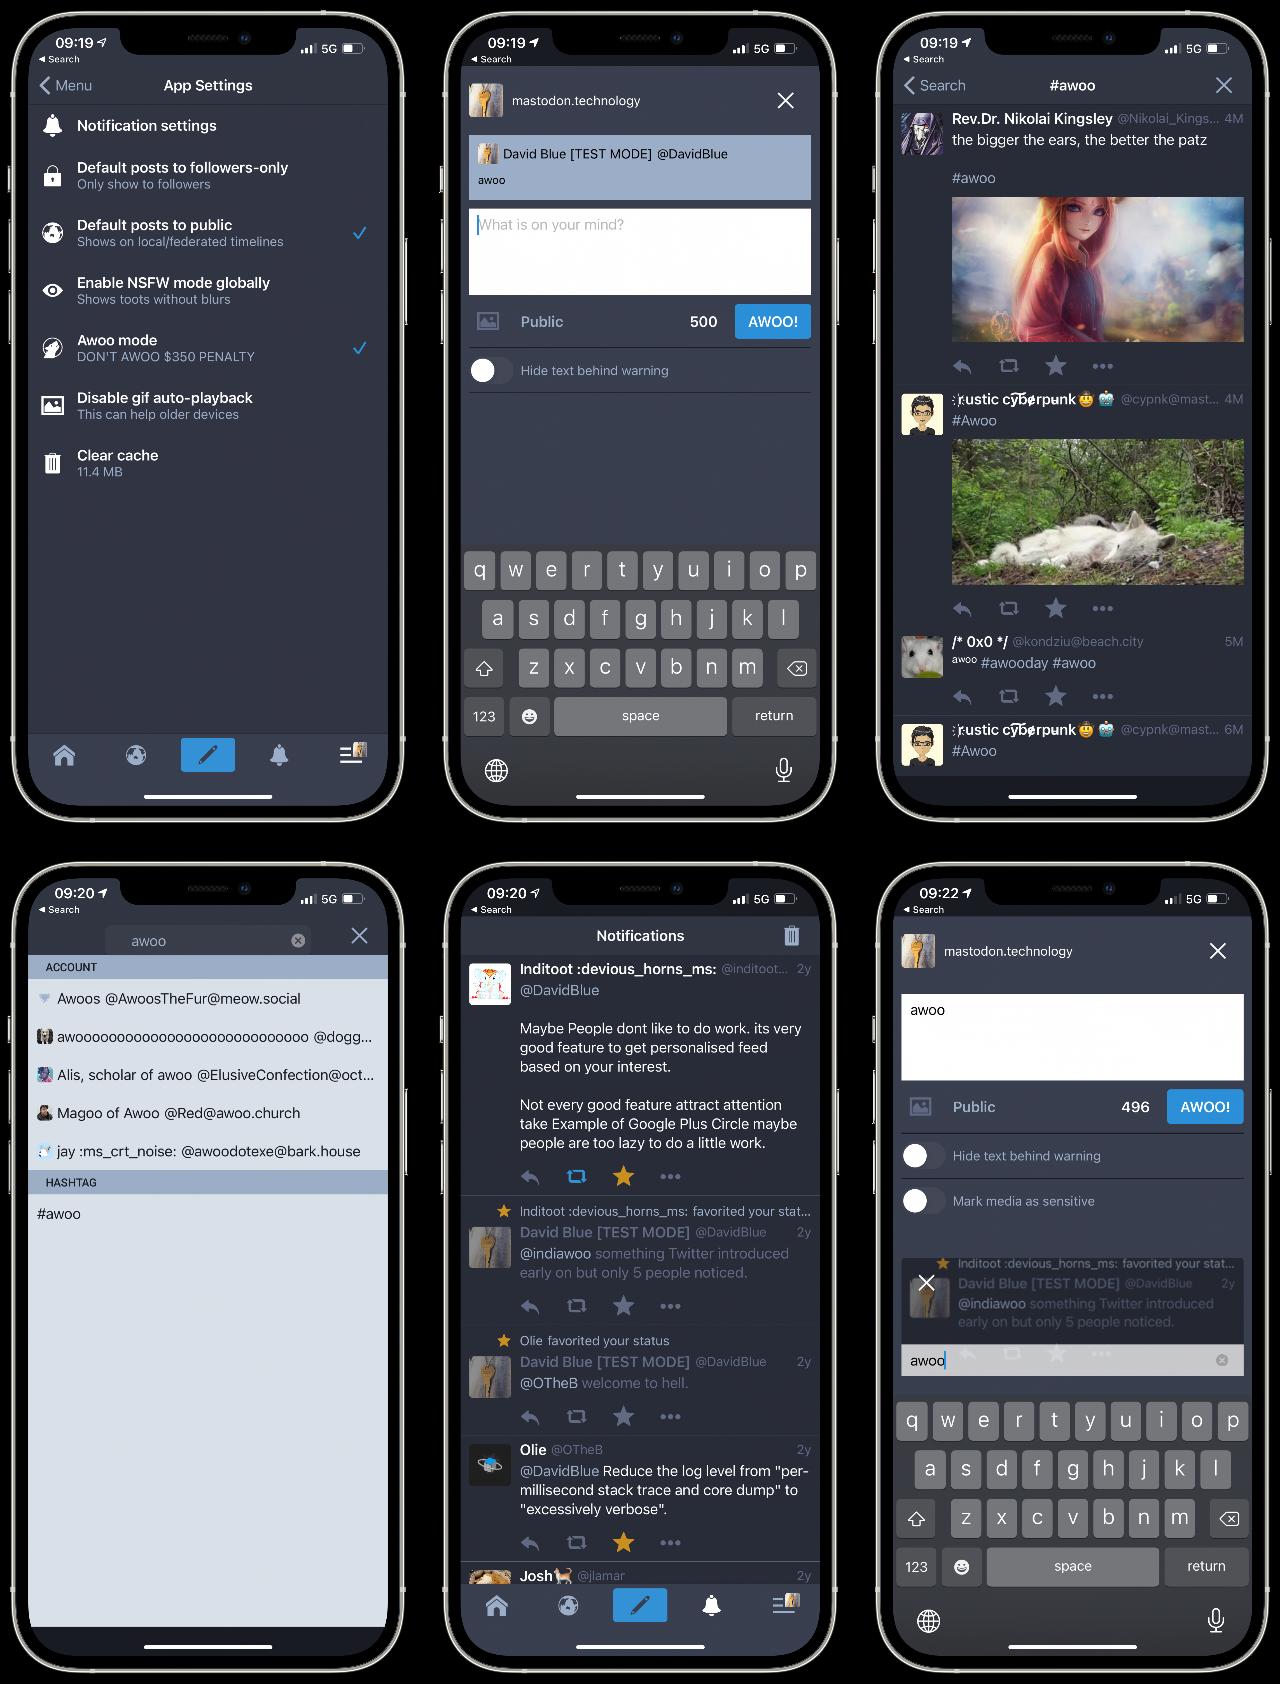 Amaroq for iOS